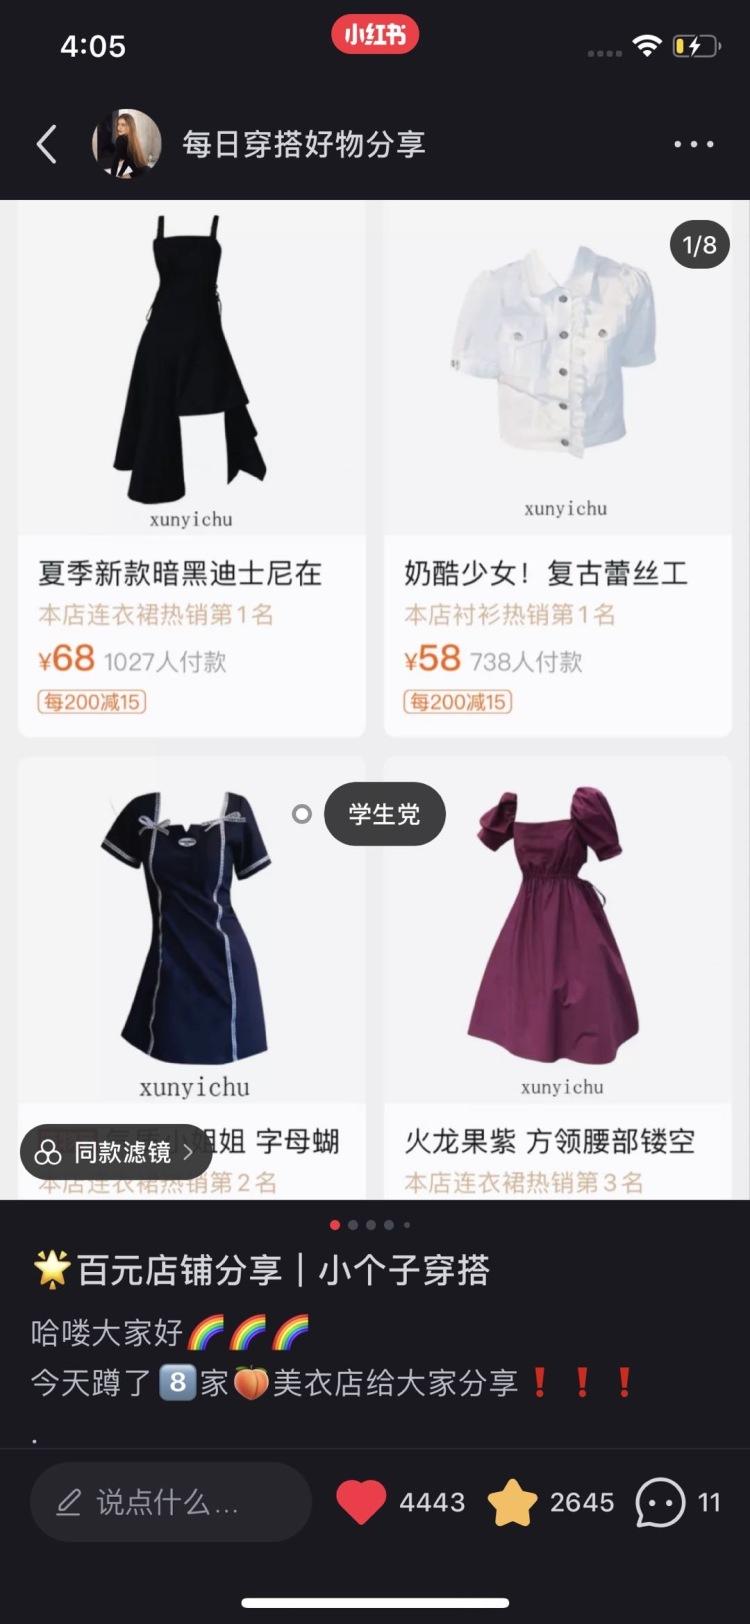 165 85斤-黑龙江省·哈尔滨市·南岗区-抖音 小红书-小红书服装 有爆文 现在有四个坑位 也接寄拍 165 88斤